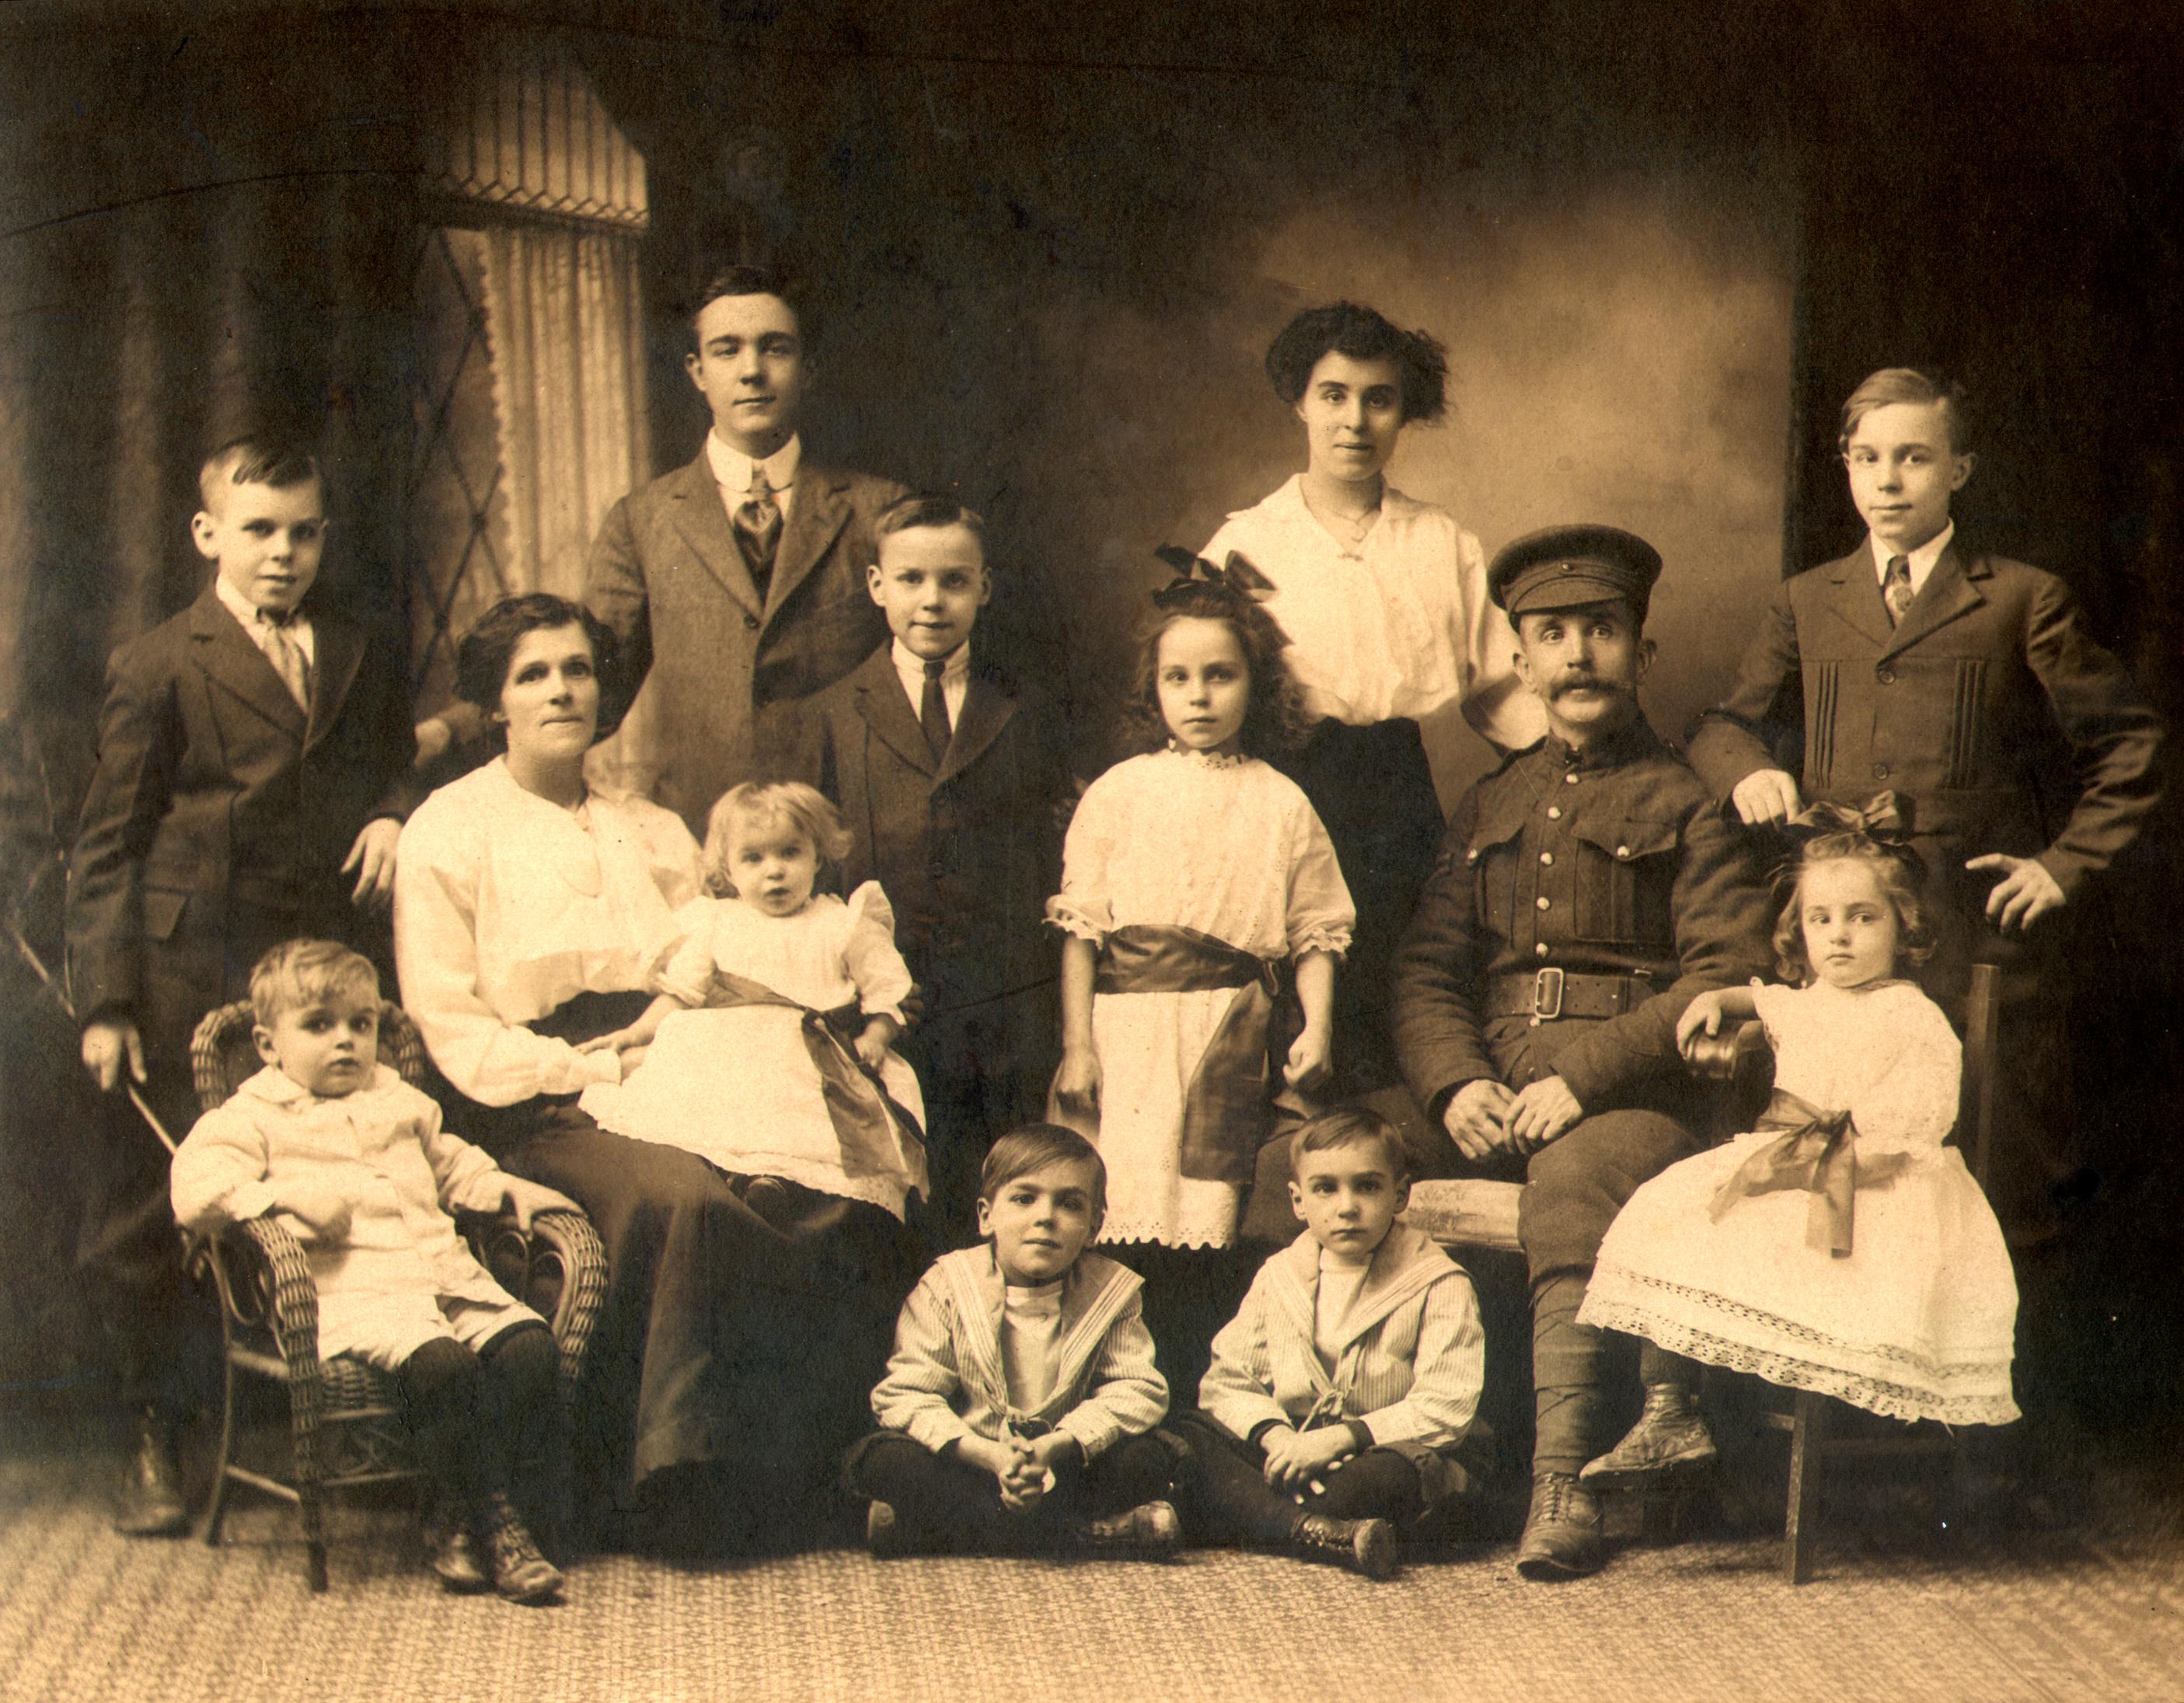 Sambell, Francis Poole & family 1918